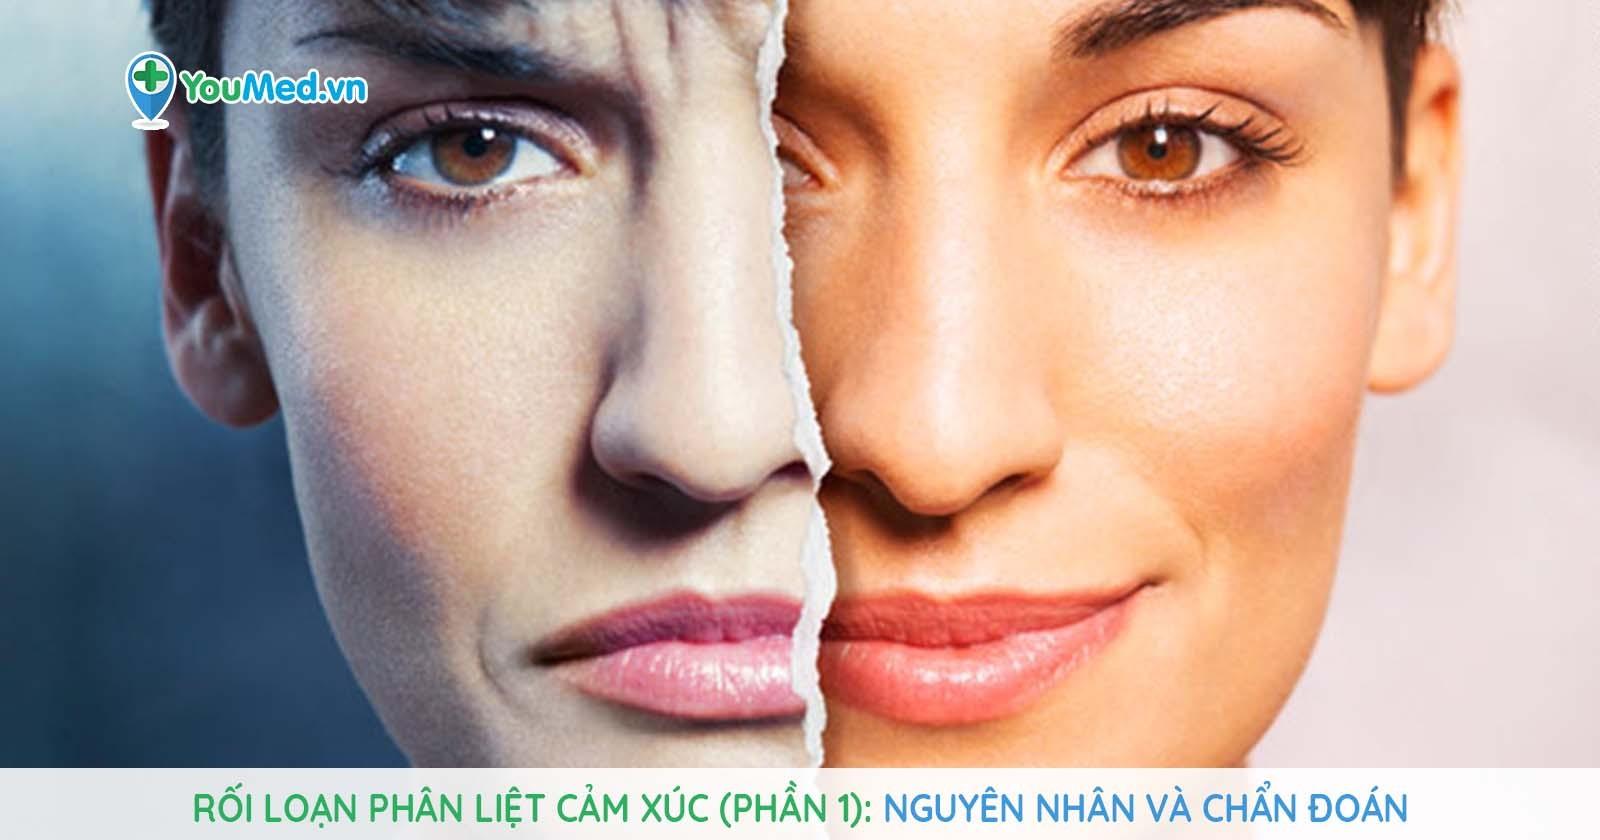 Rối loạn phân liệt cảm xúc (Phần 1): Nguyên nhân và chẩn đoán